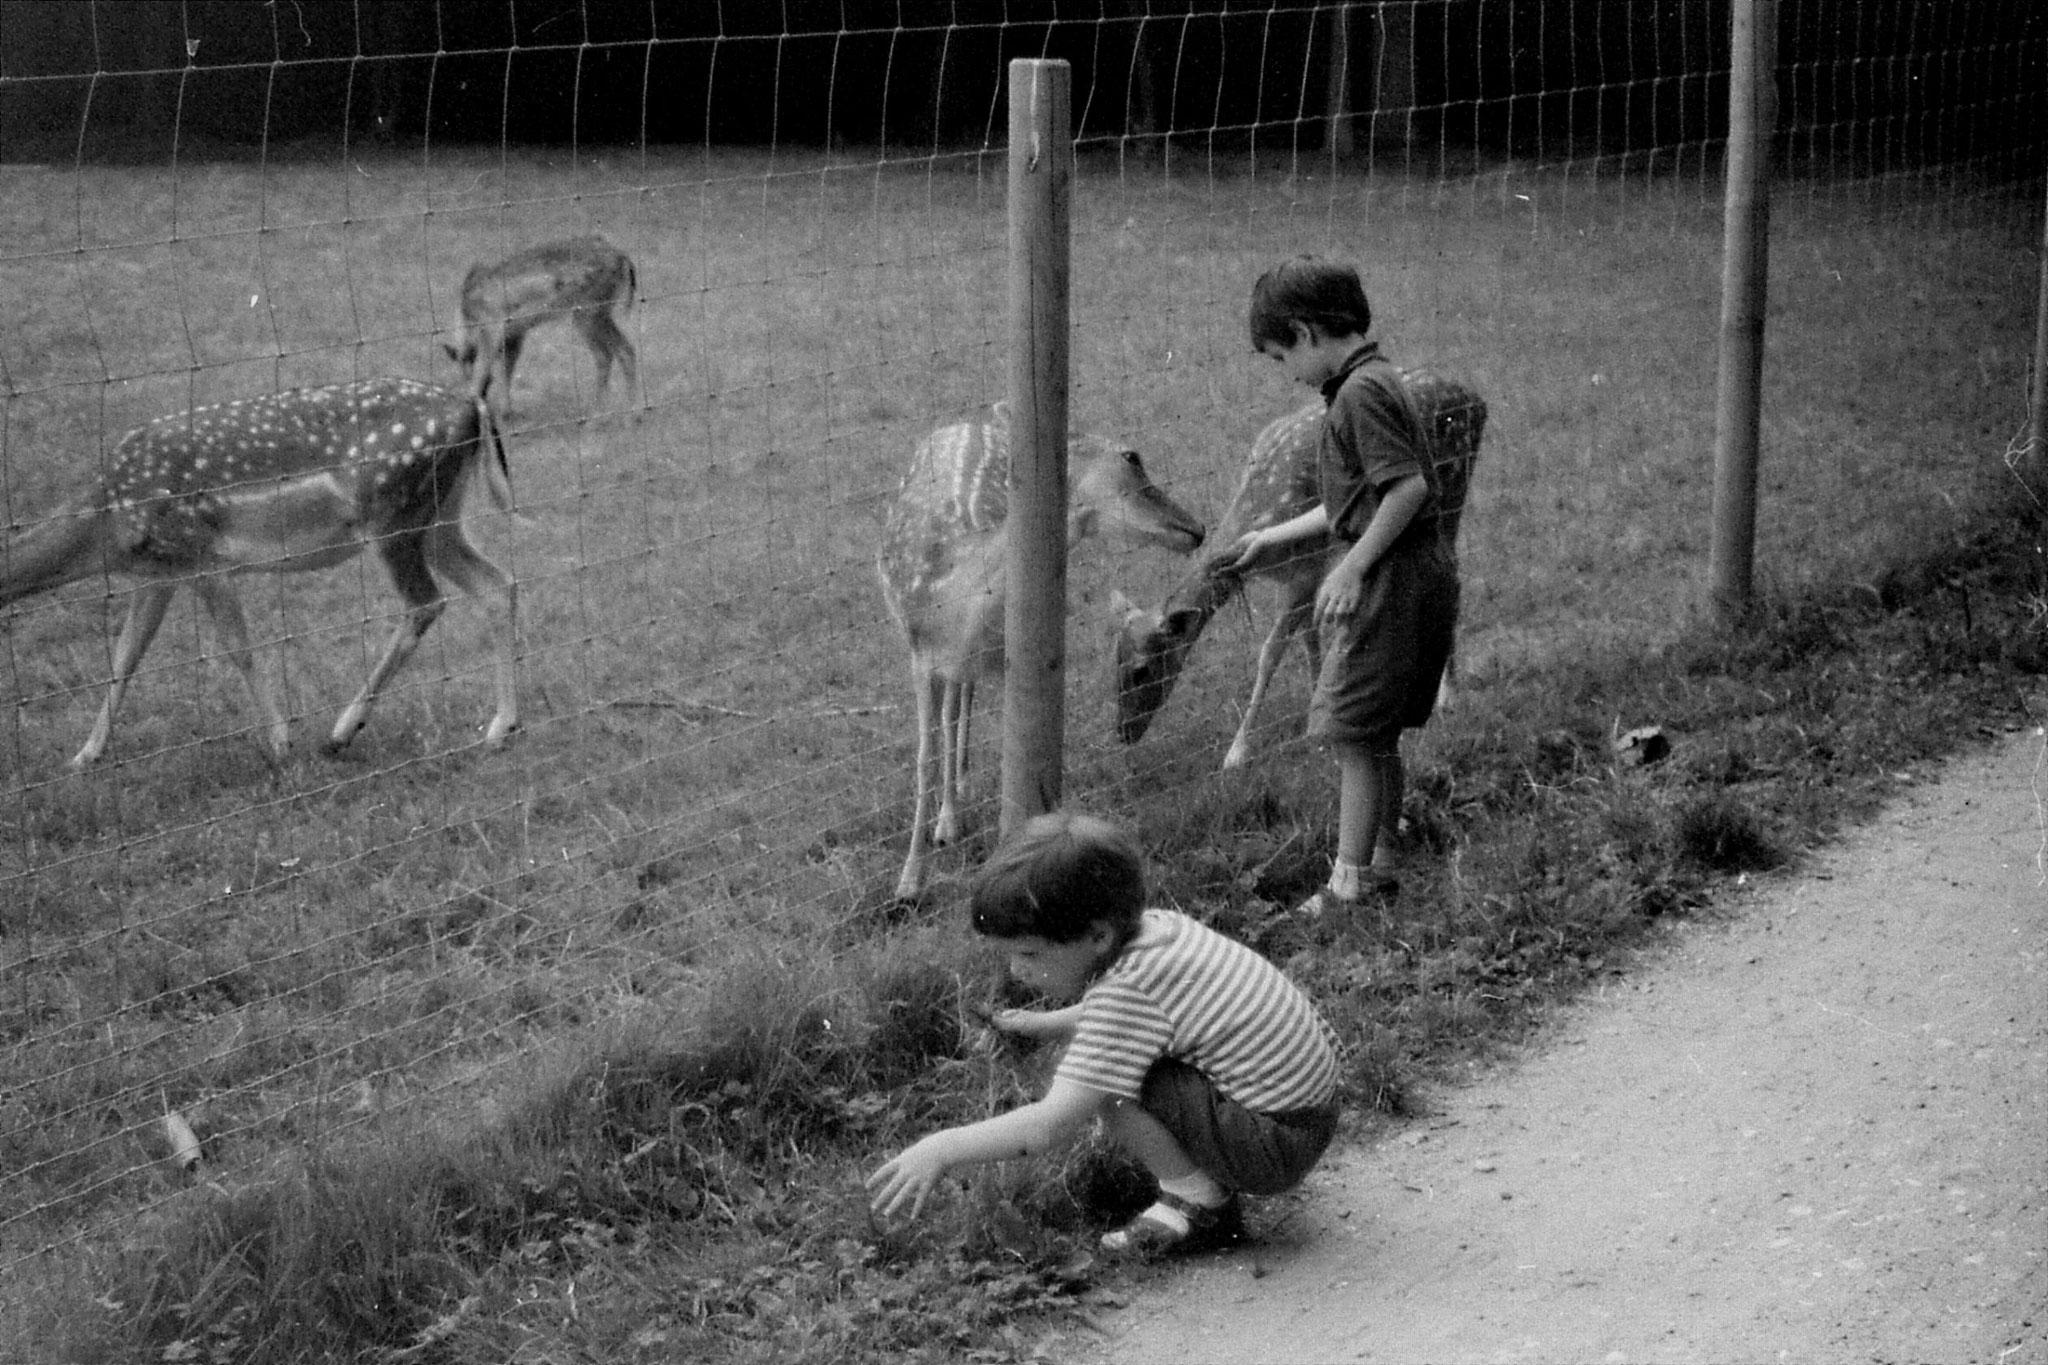 16/8/88: 27: Bonn Forest Deer Park